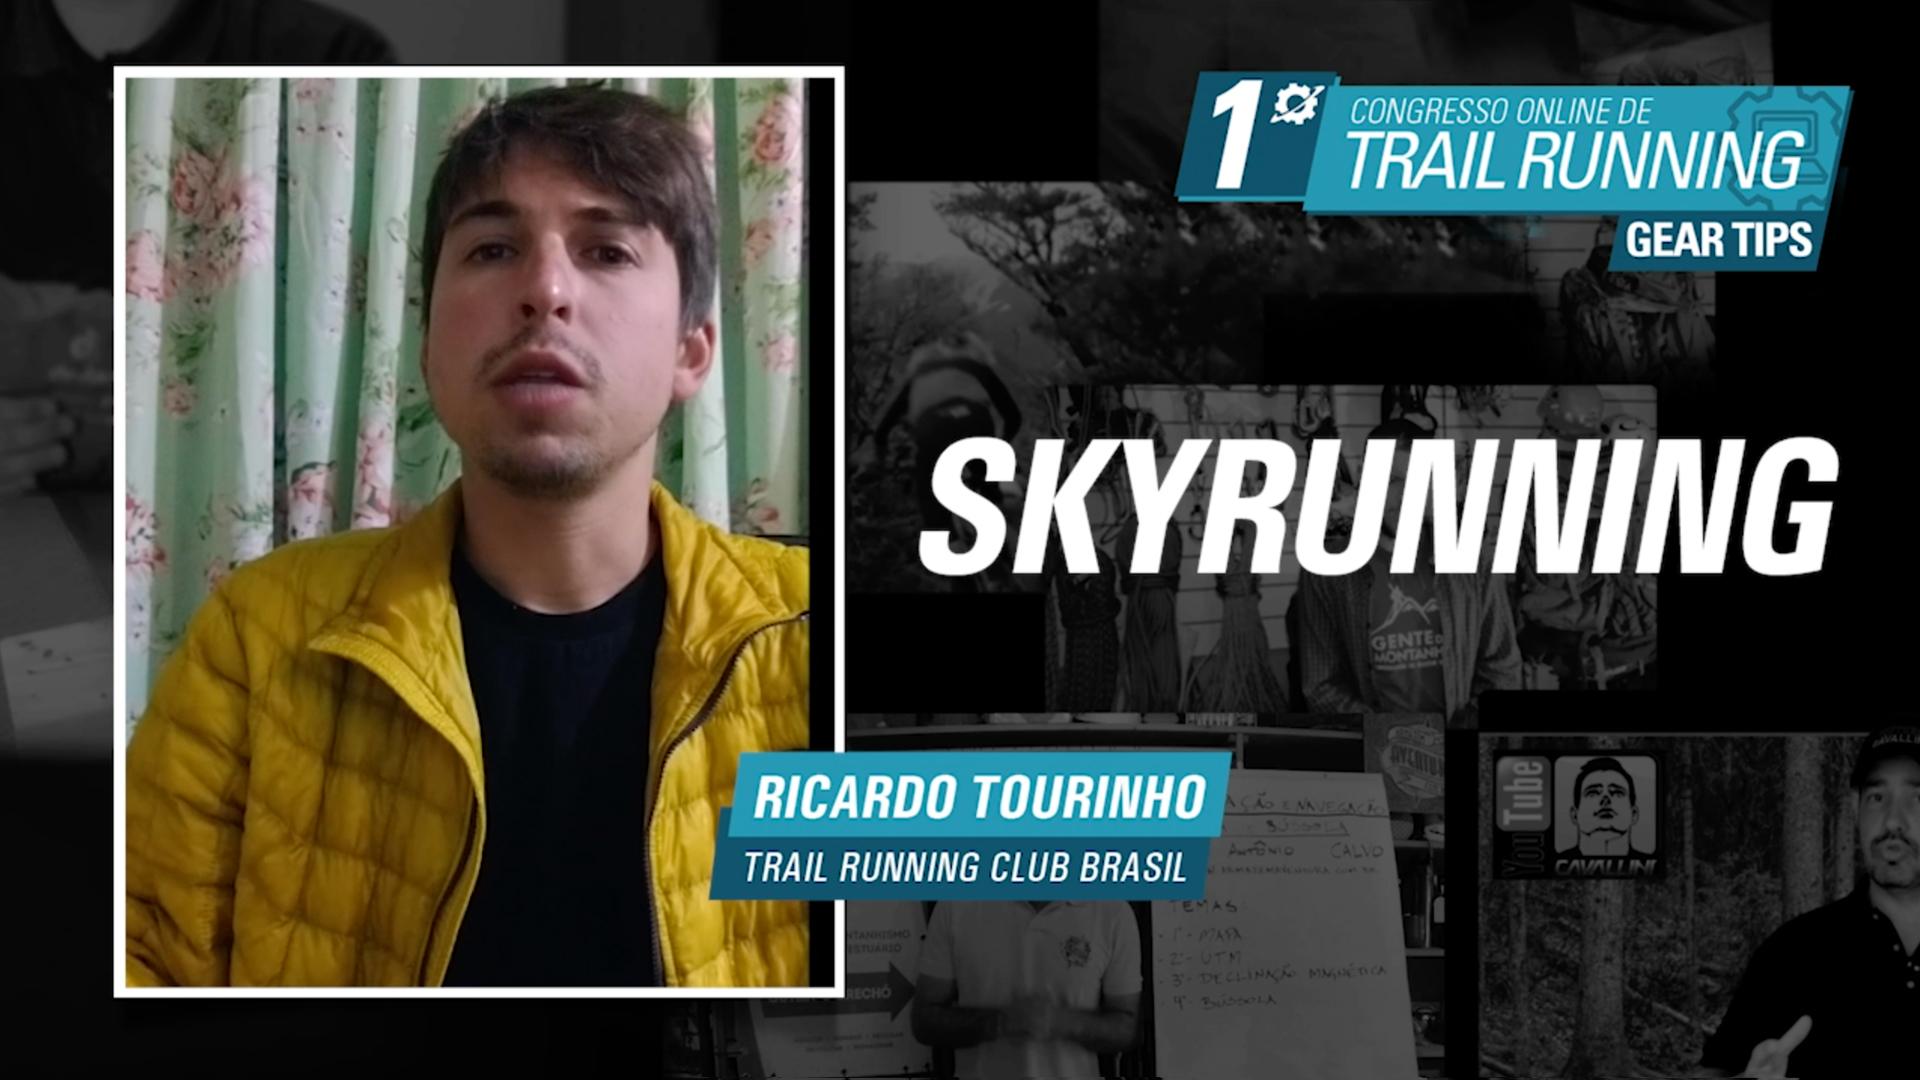 Skyrunning - Ricardo Tourinho